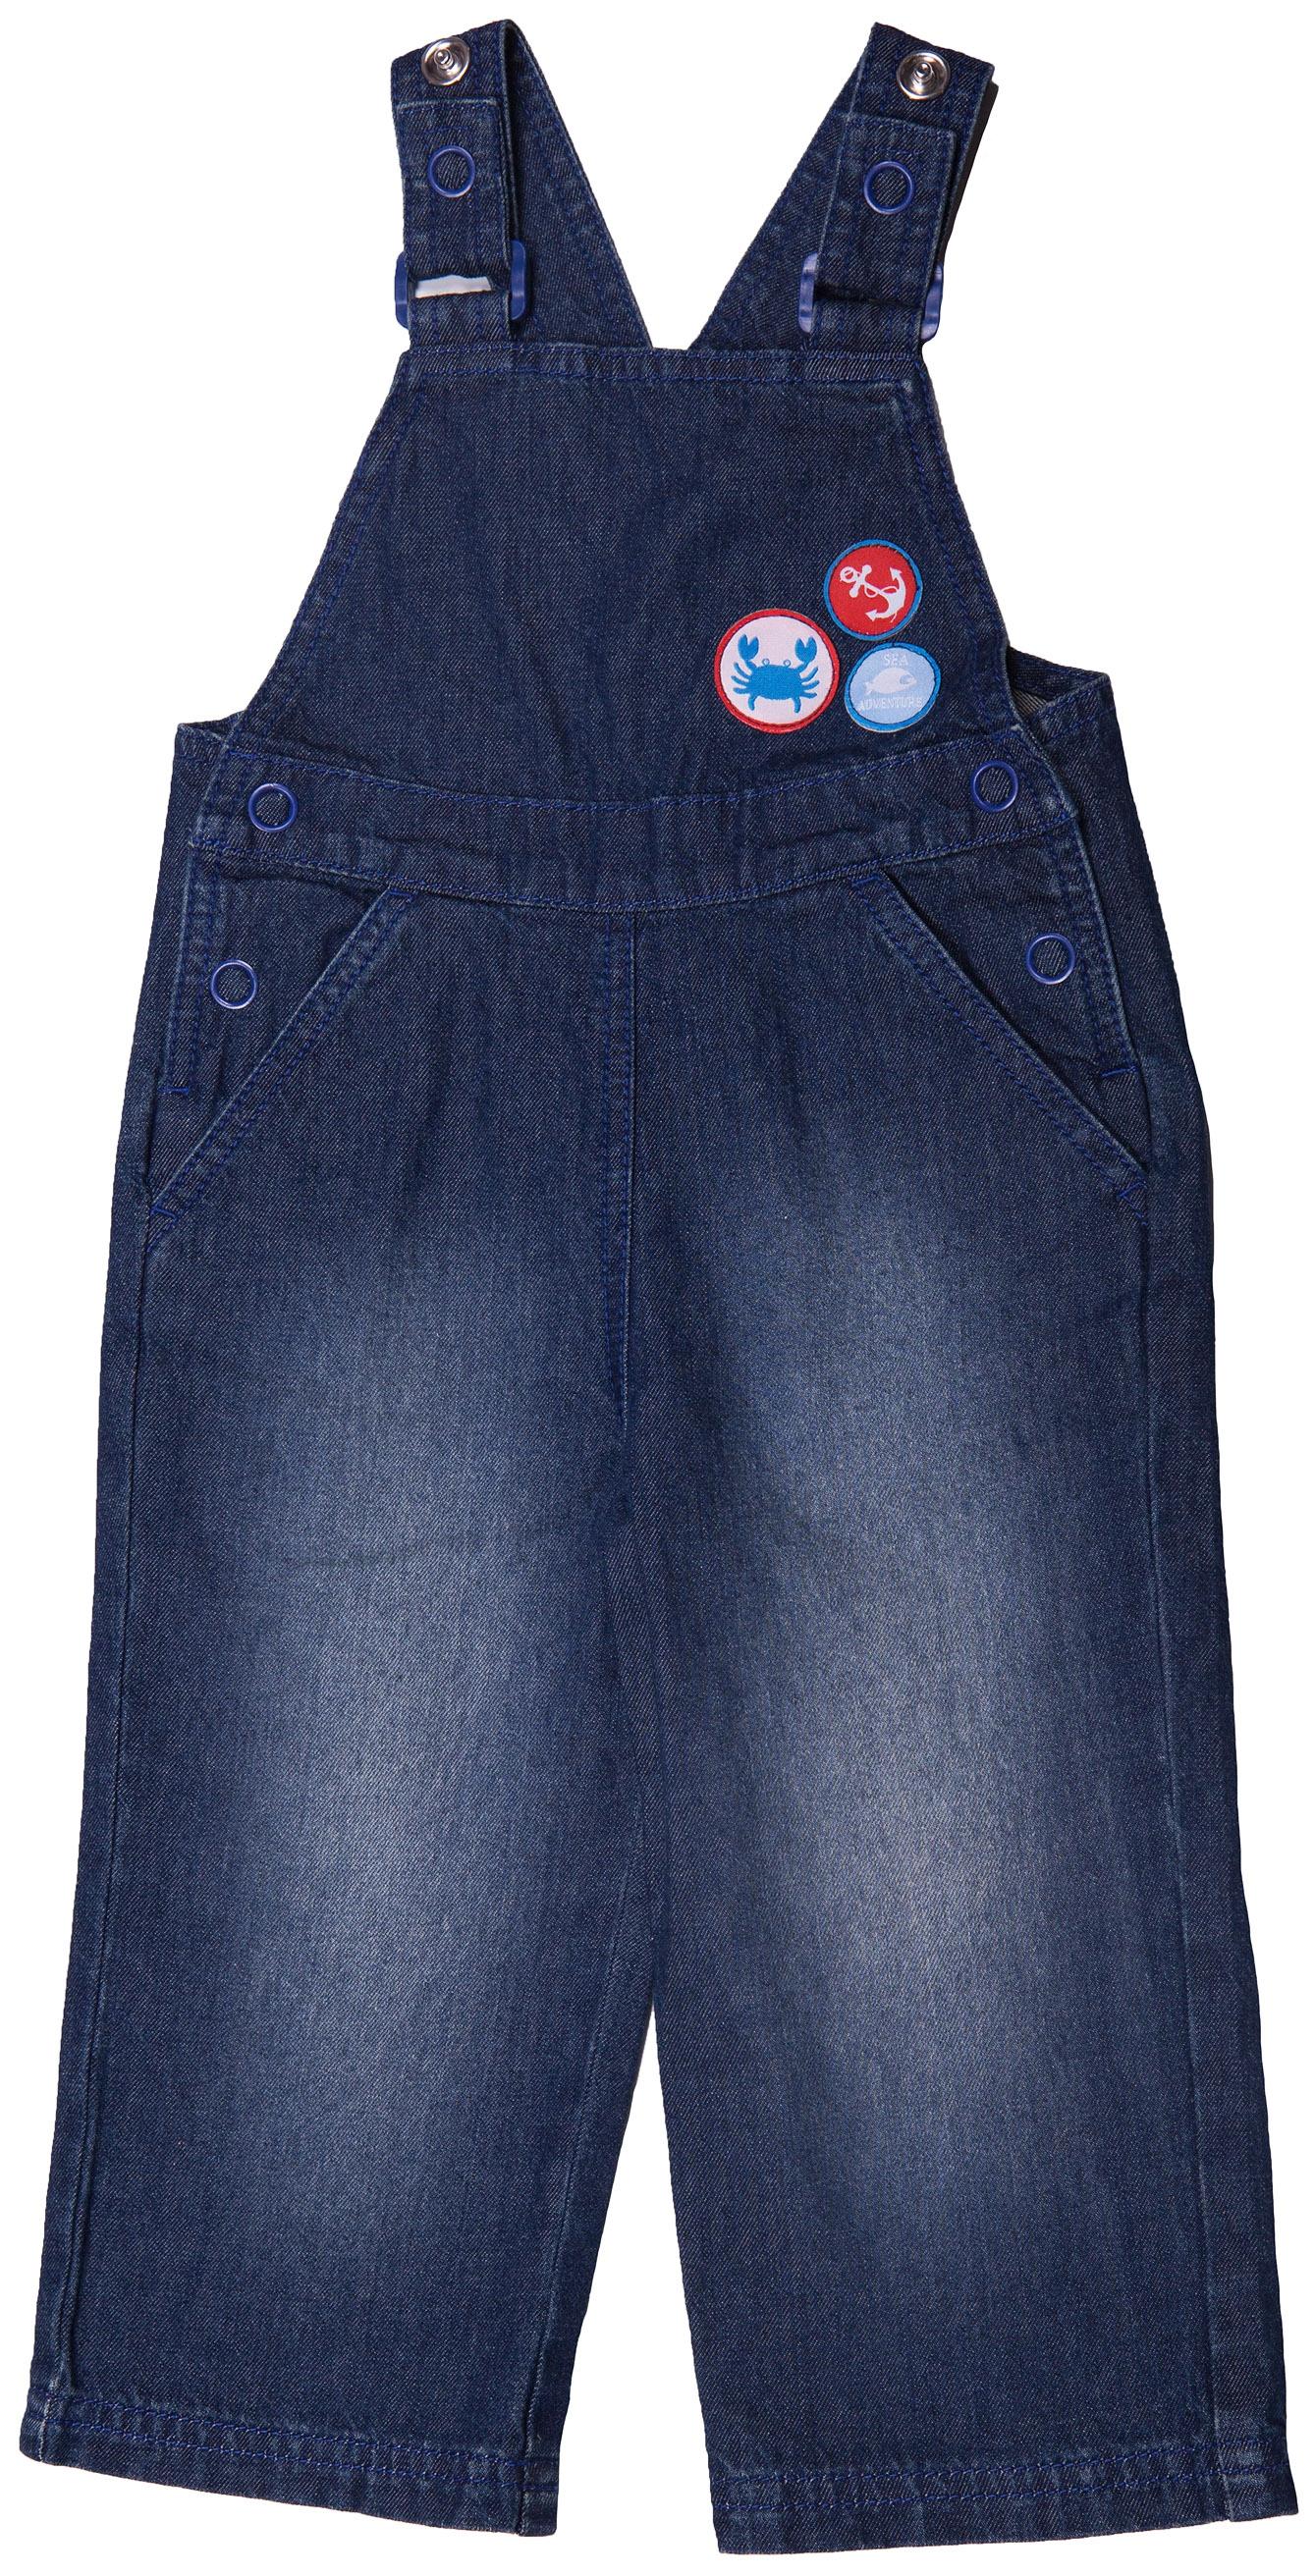 Полукомбинезон джинсовый для мальчика Barkito Деним полукомбинезон barkito джинсовый